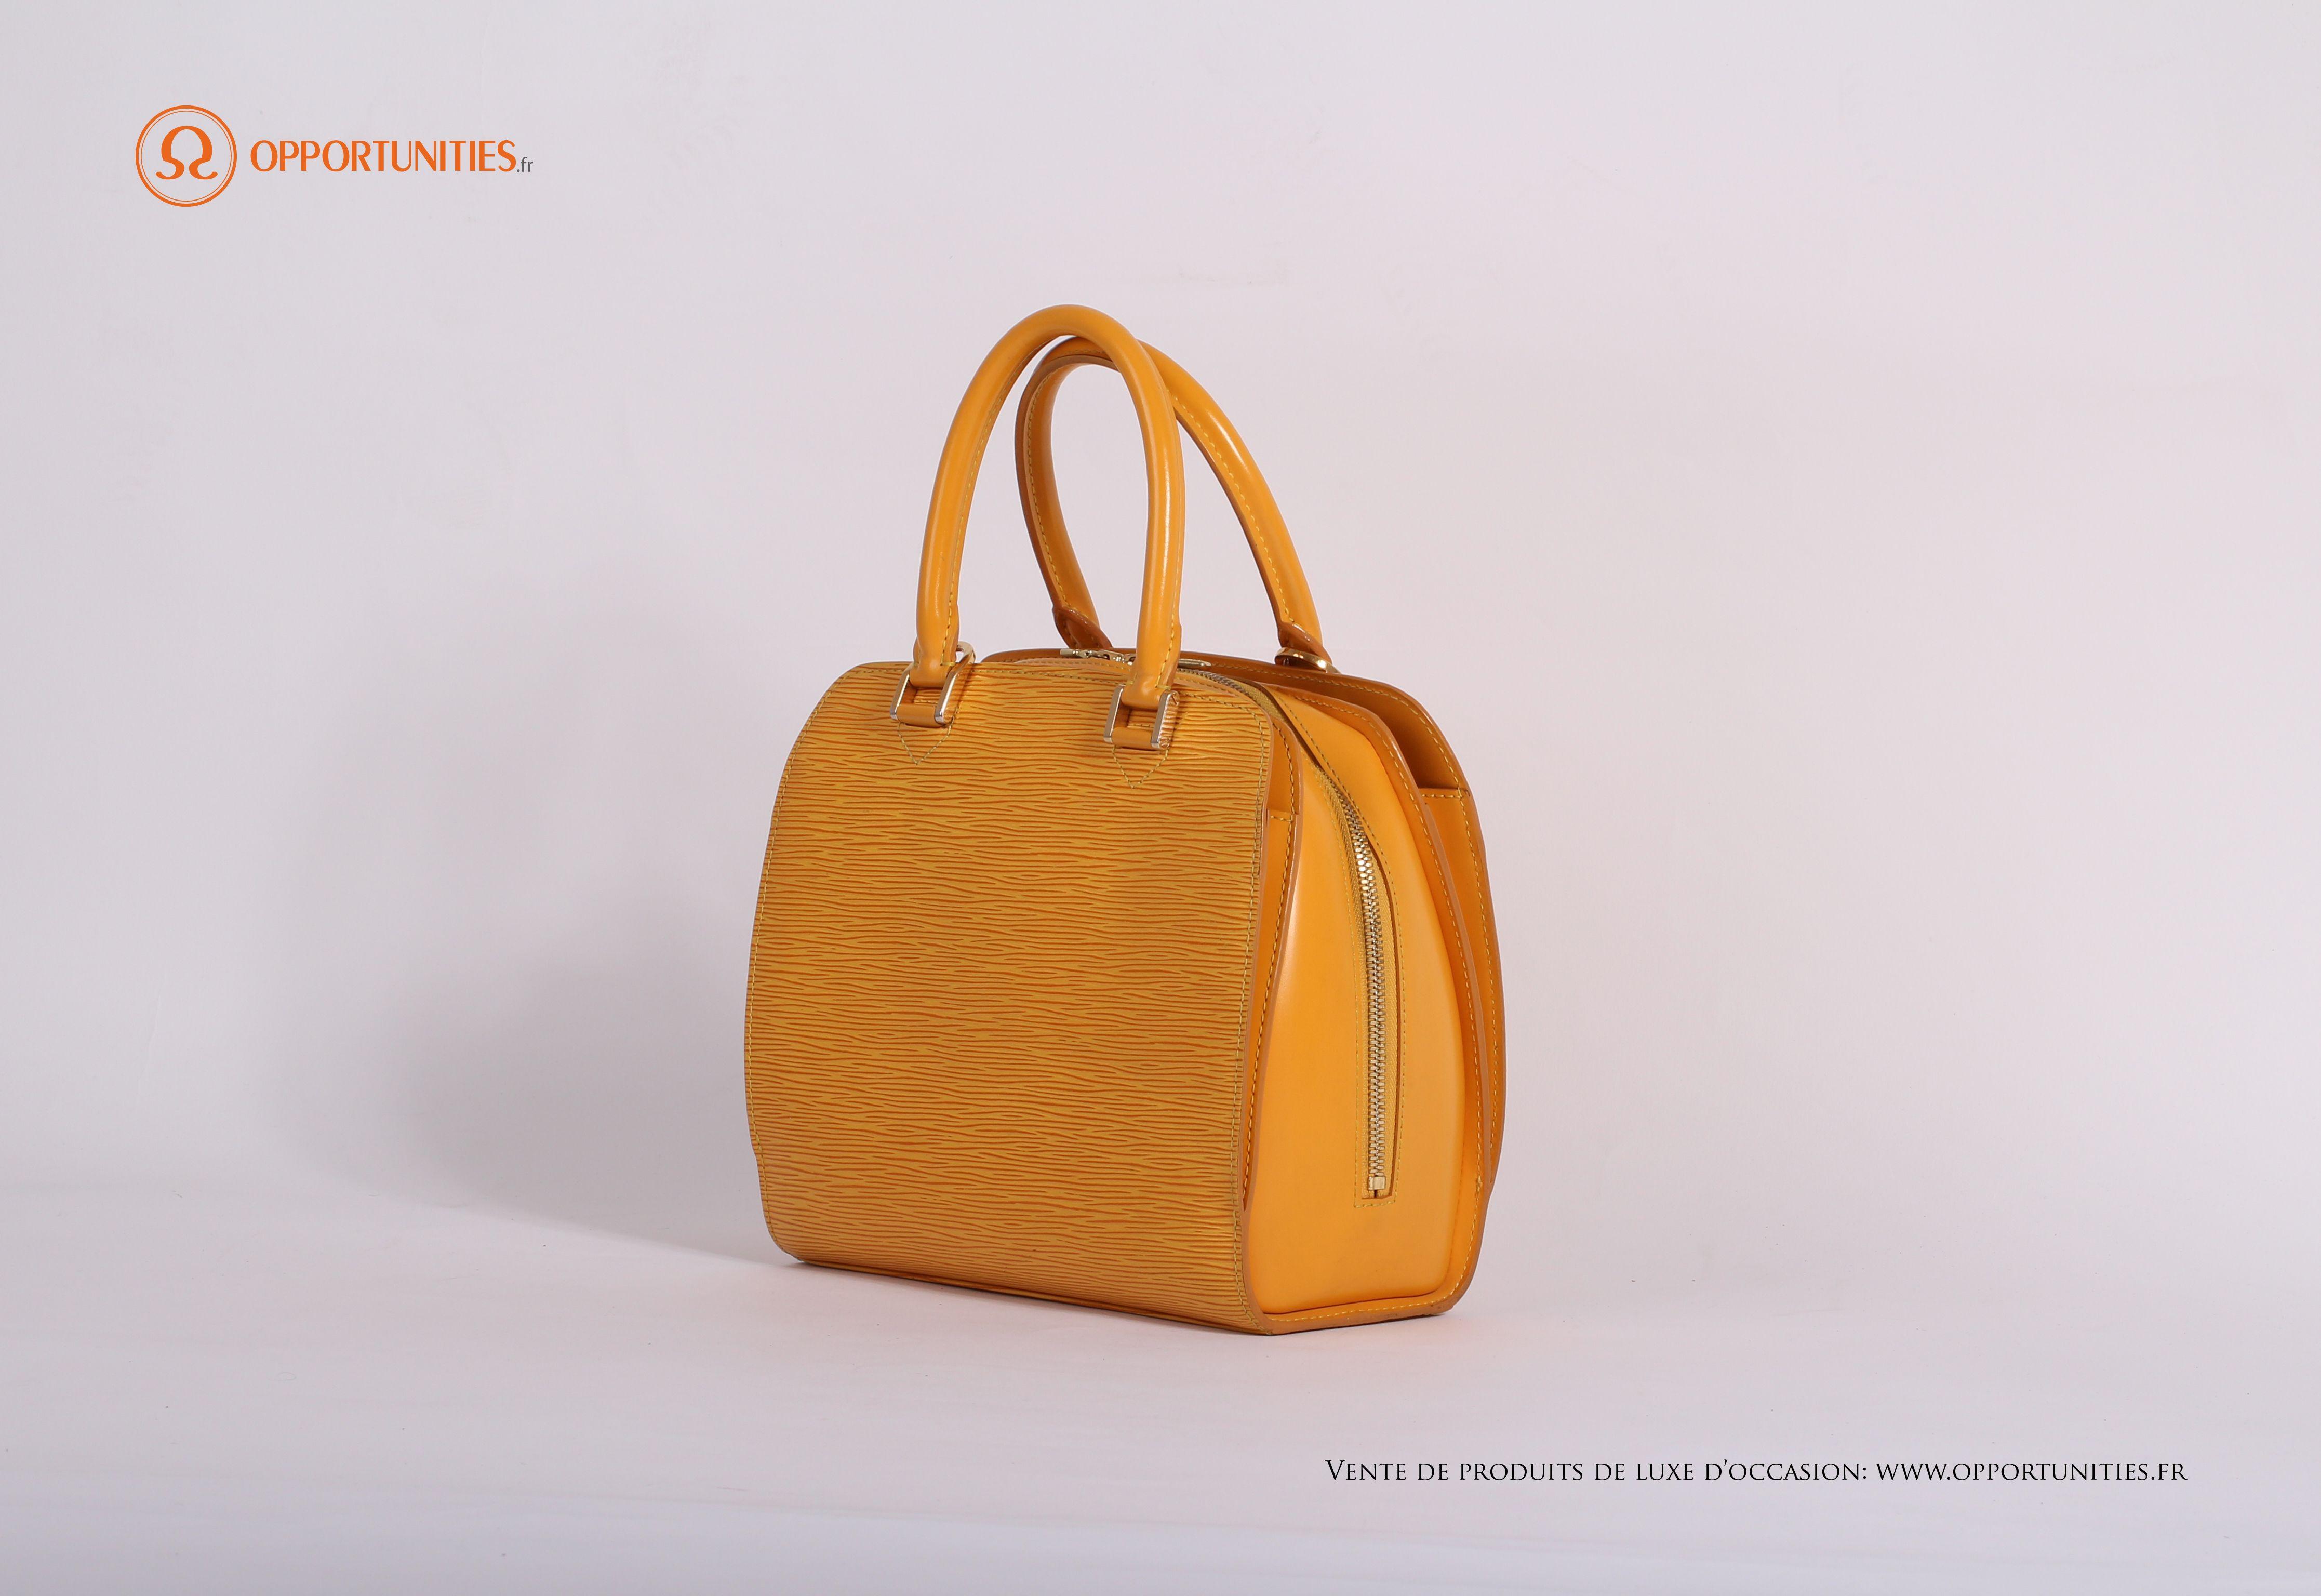 60de5af8eb46 En vente sur le site de produits de luxe d occasion www.opportunities.